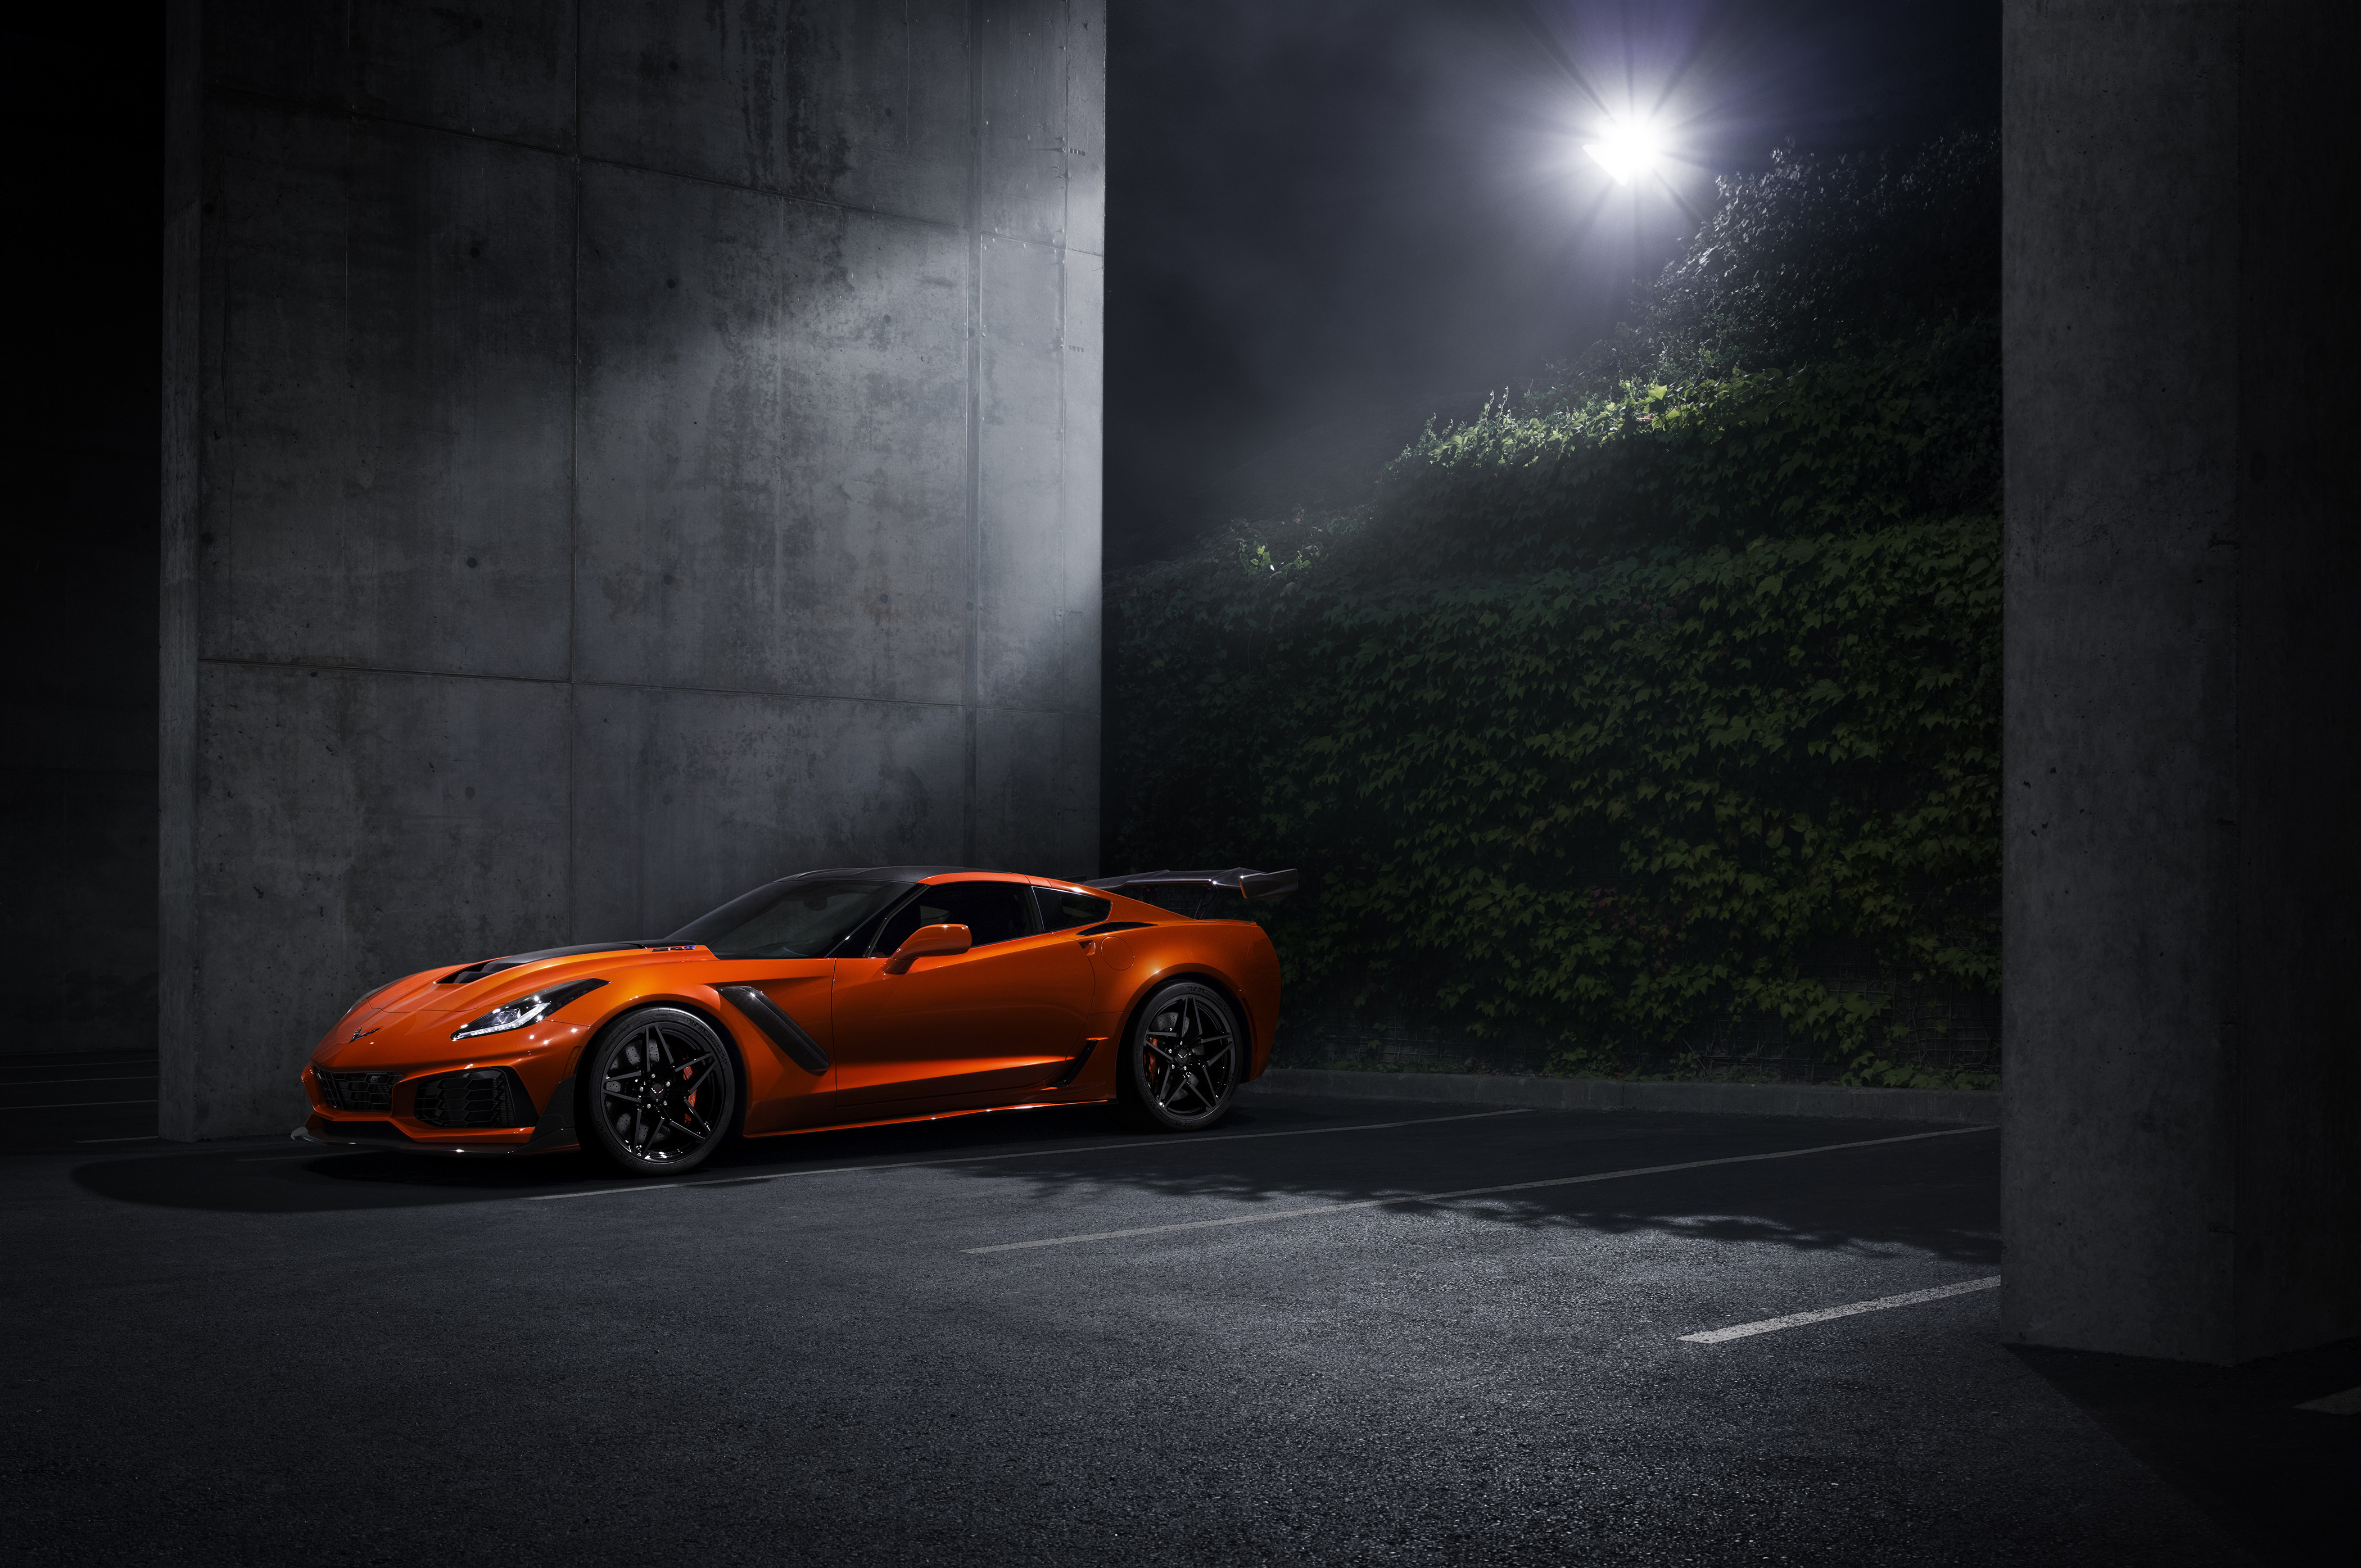 2019 Corvette ZR1 Return of the King